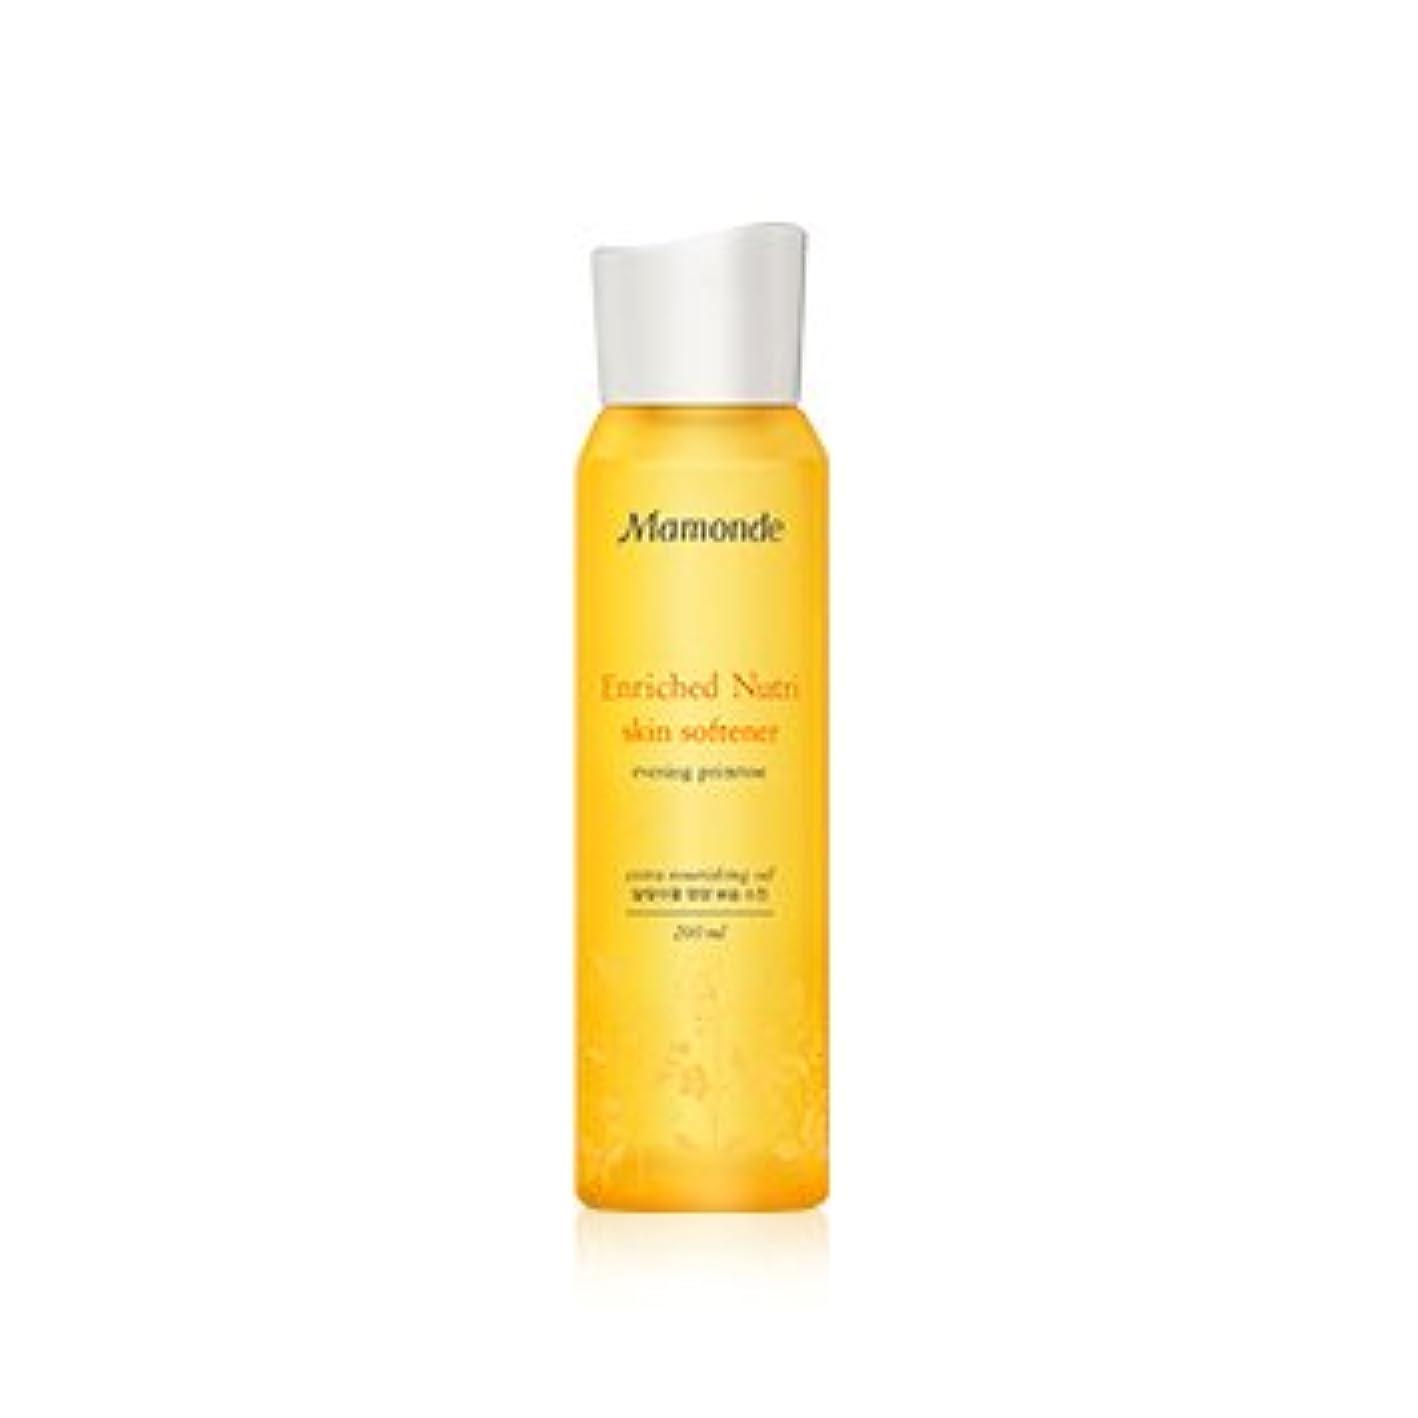 絶えず酔って含める[New] Mamonde Enriched Nutri Skin Softener 200ml/マモンド エンリッチド ニュートリ スキン ソフナー 200ml